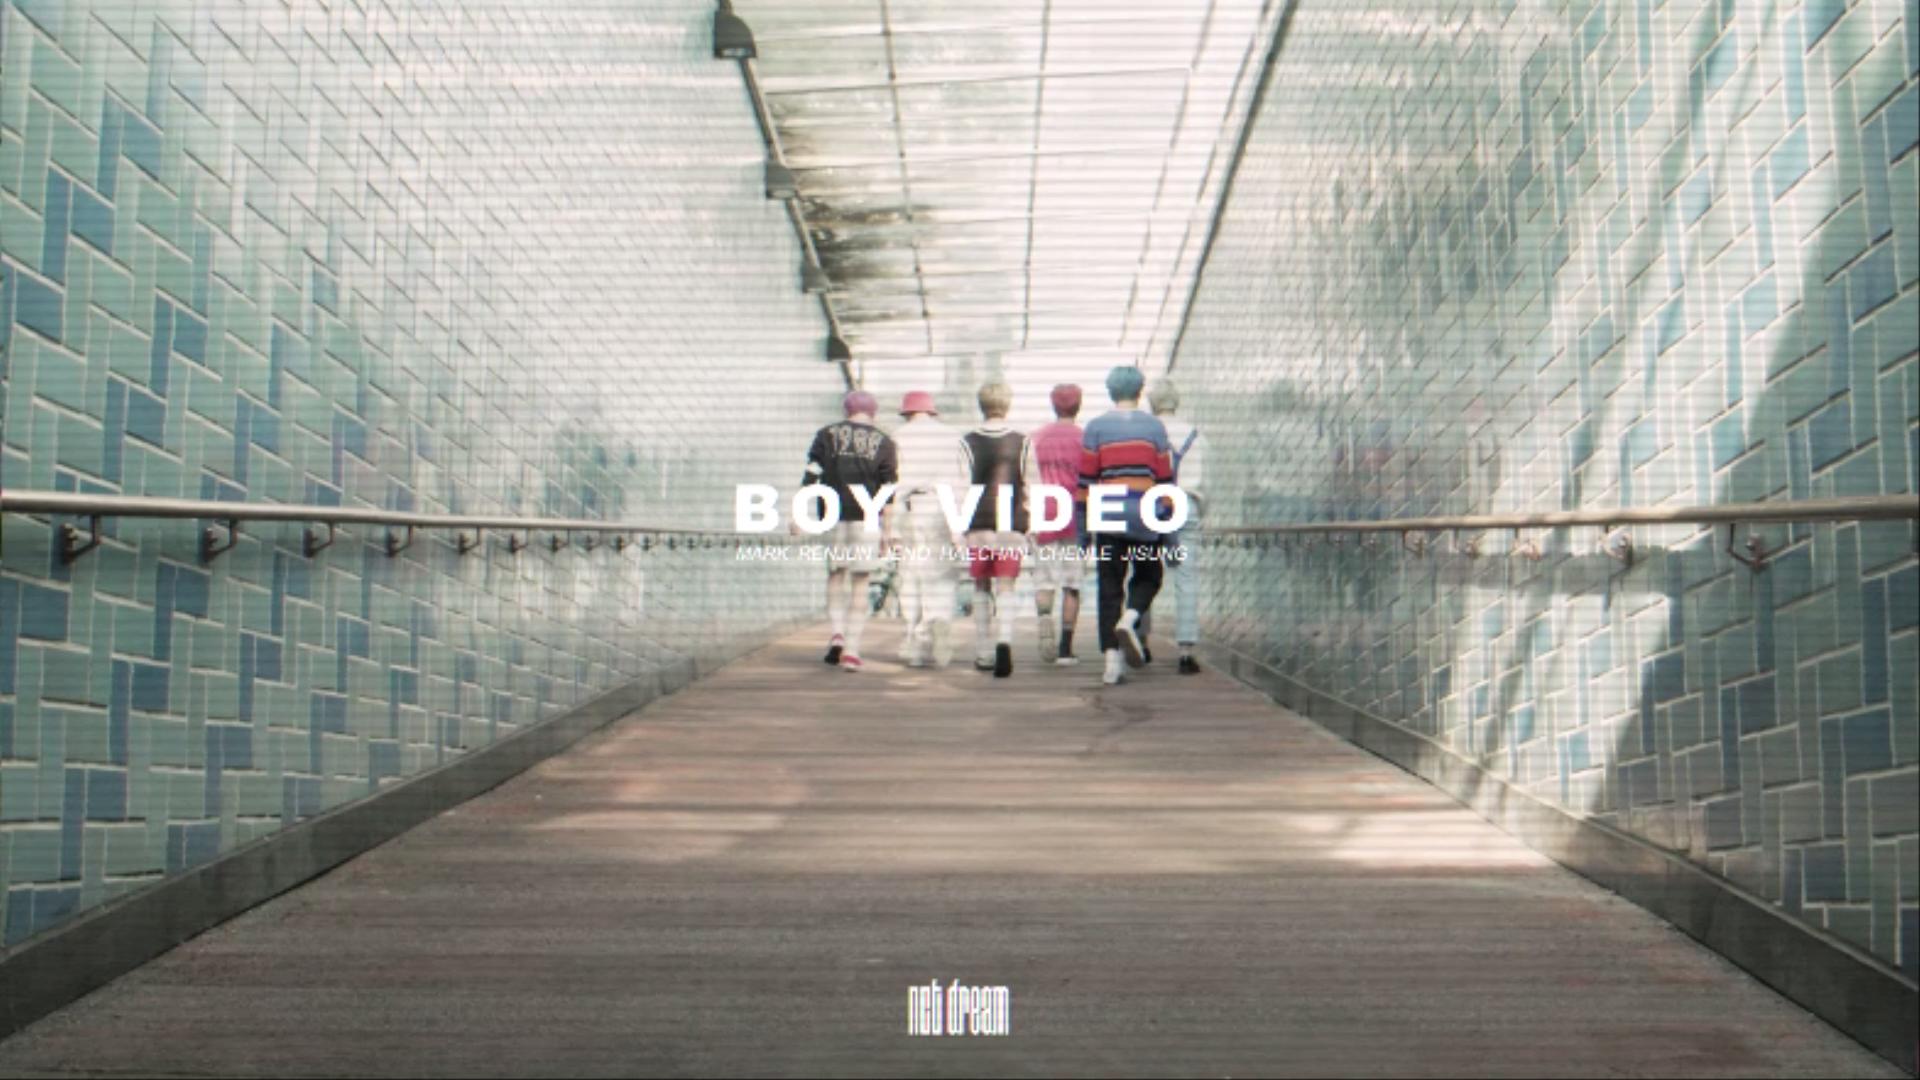 NCT DREAM BOY VIDEO Teaser